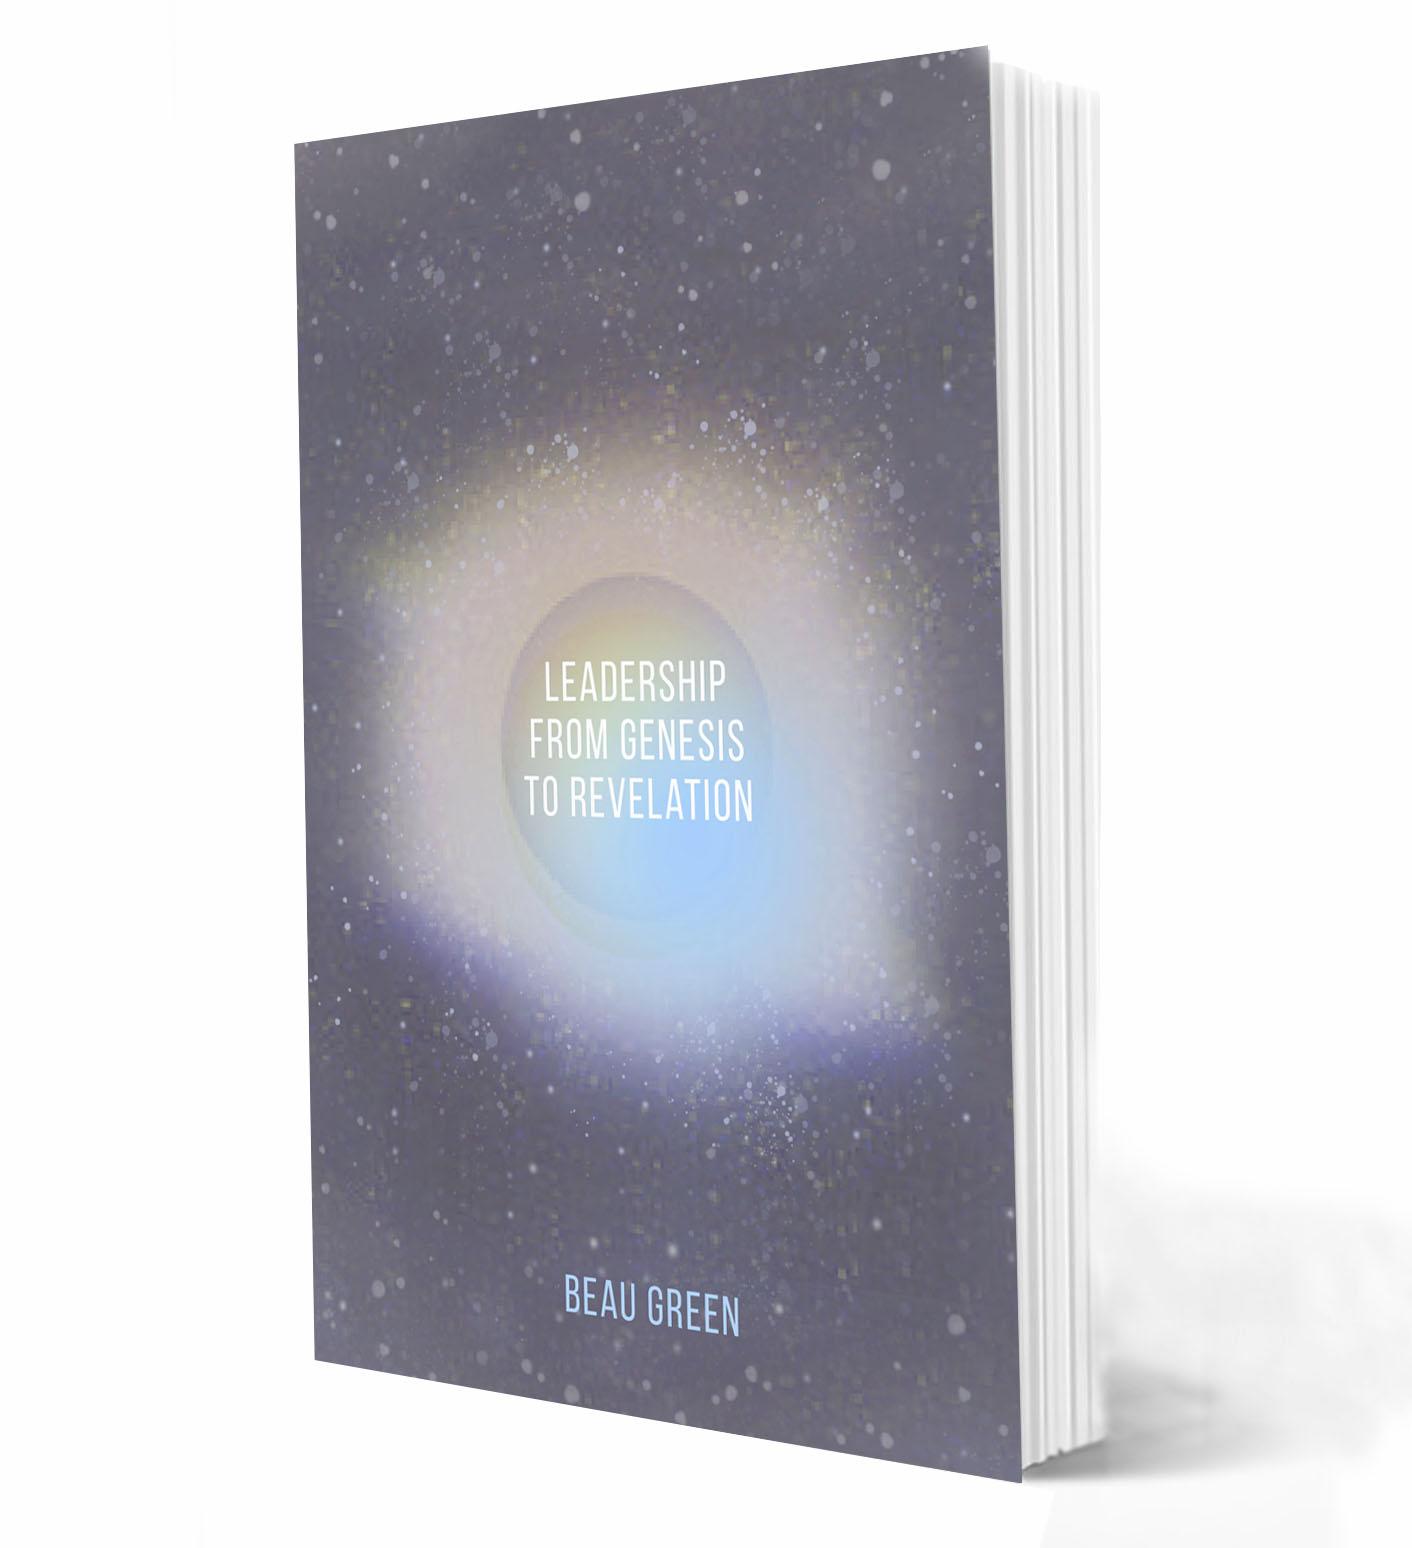 Beau_LGR_book.jpg